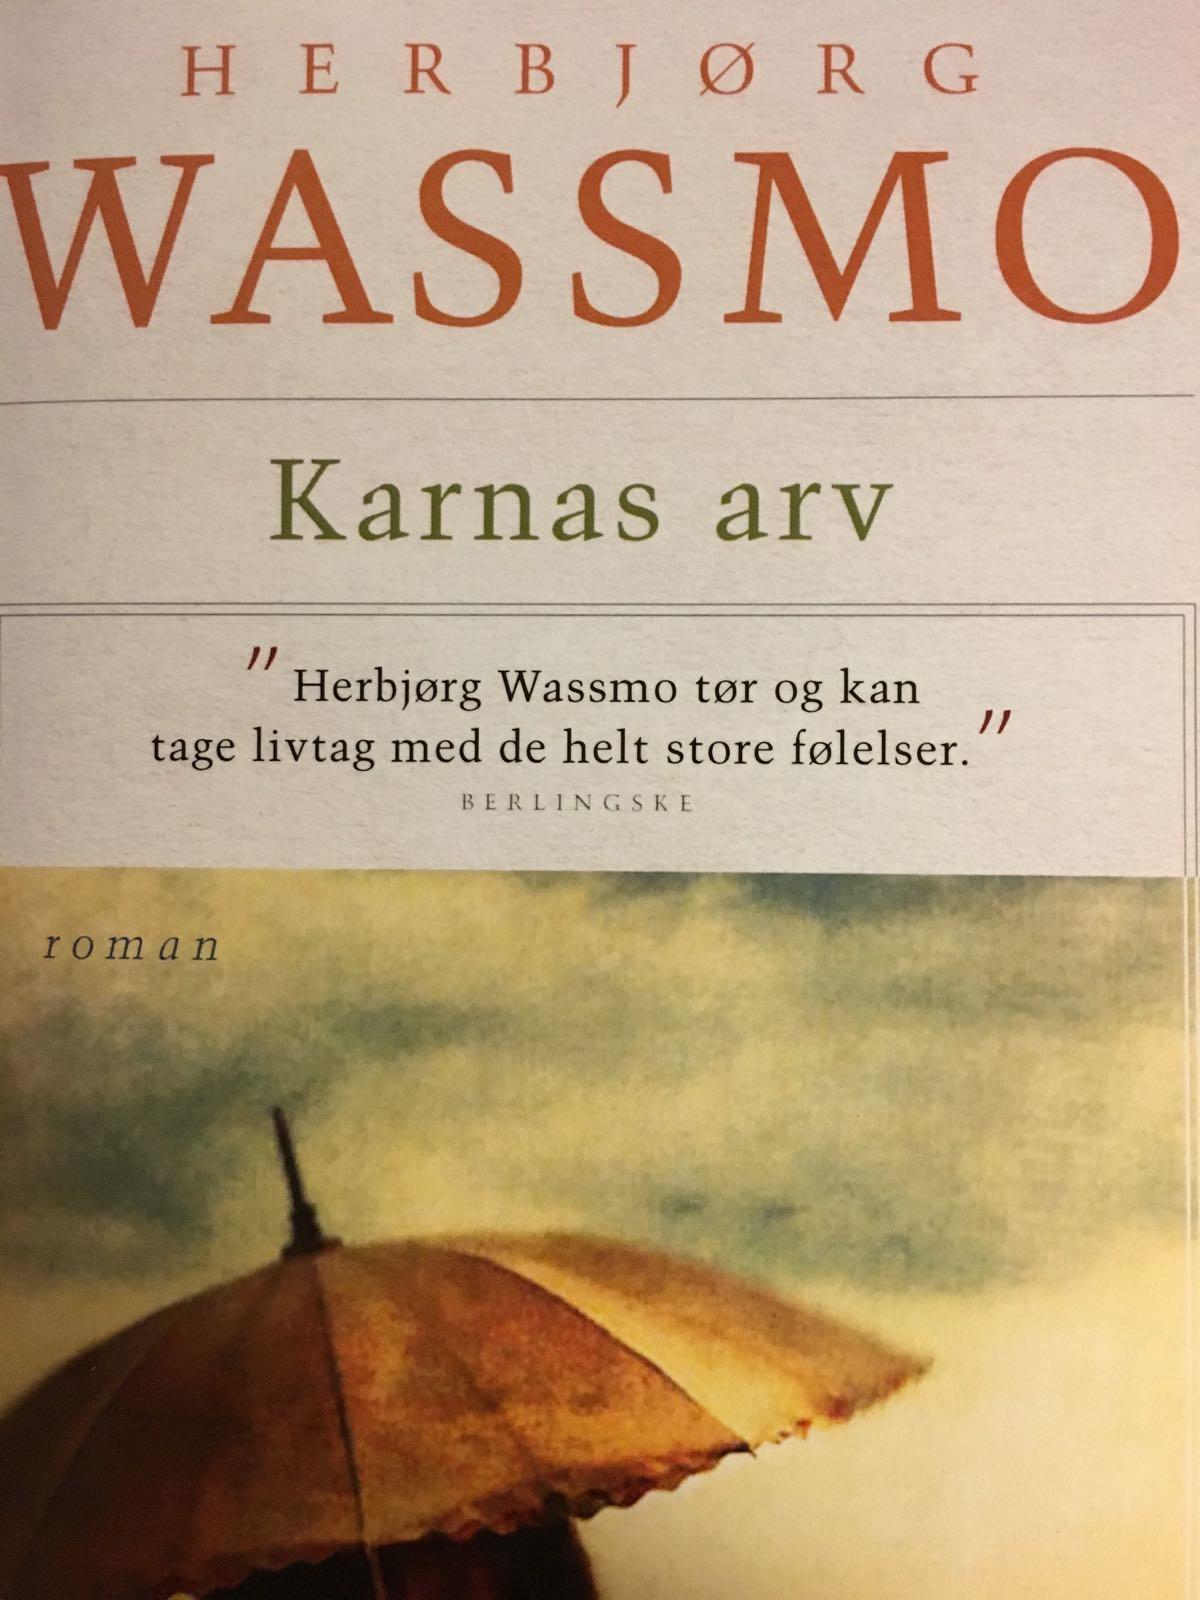 Karnas arv af Herbjørg Wassmo